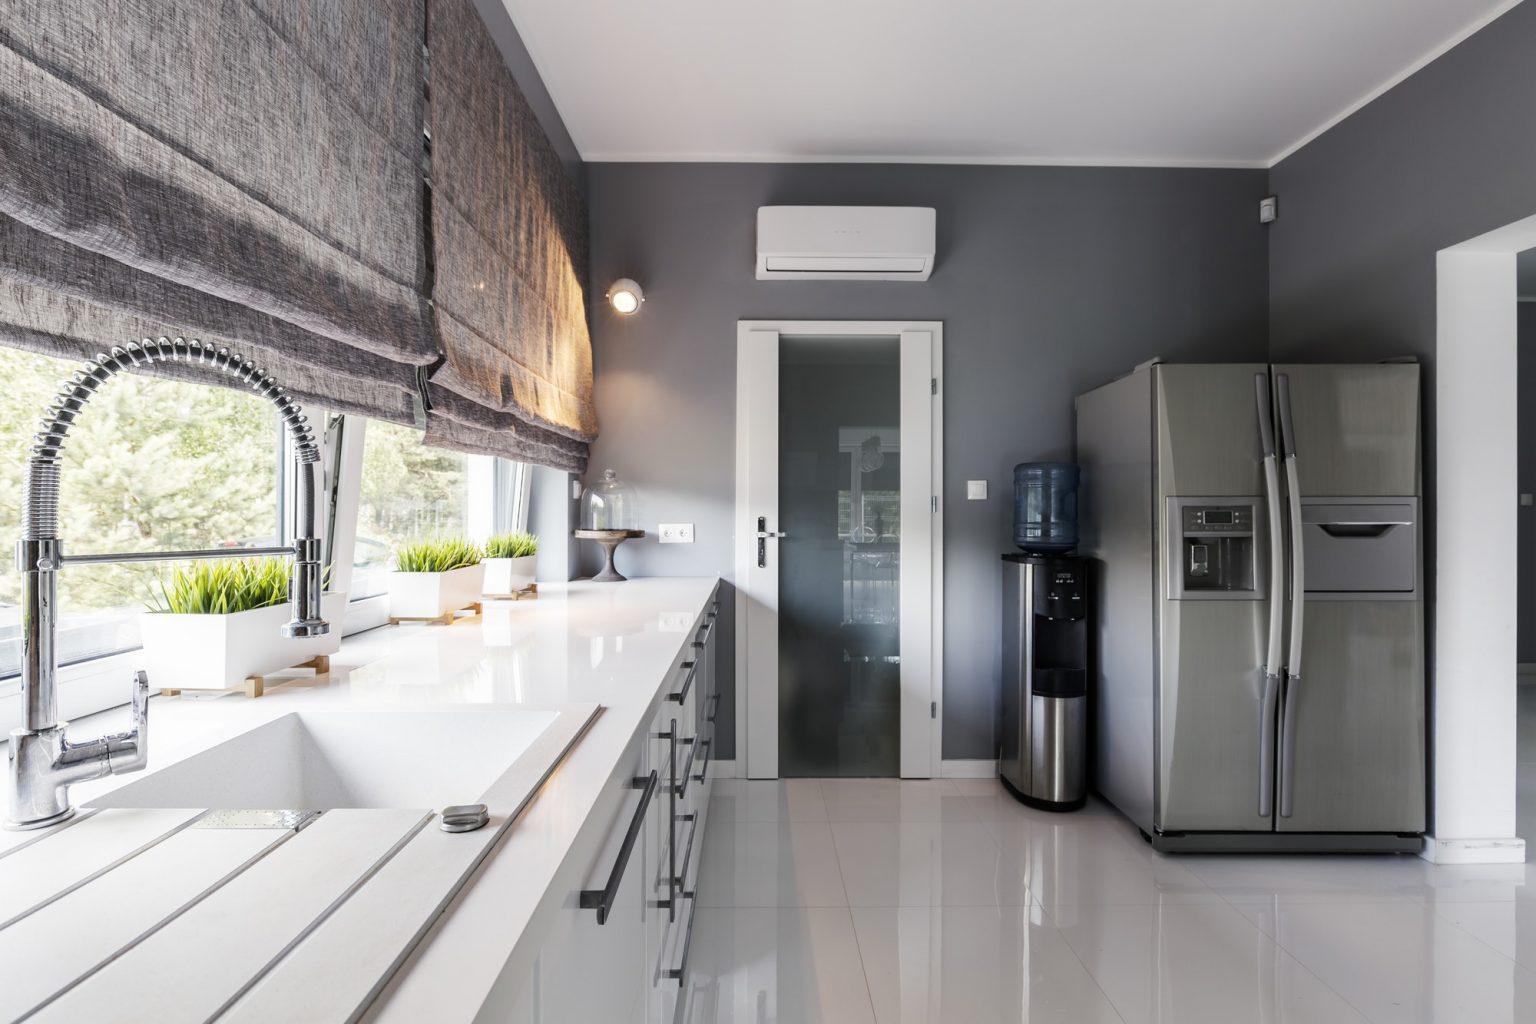 Modern kitchen with big windows